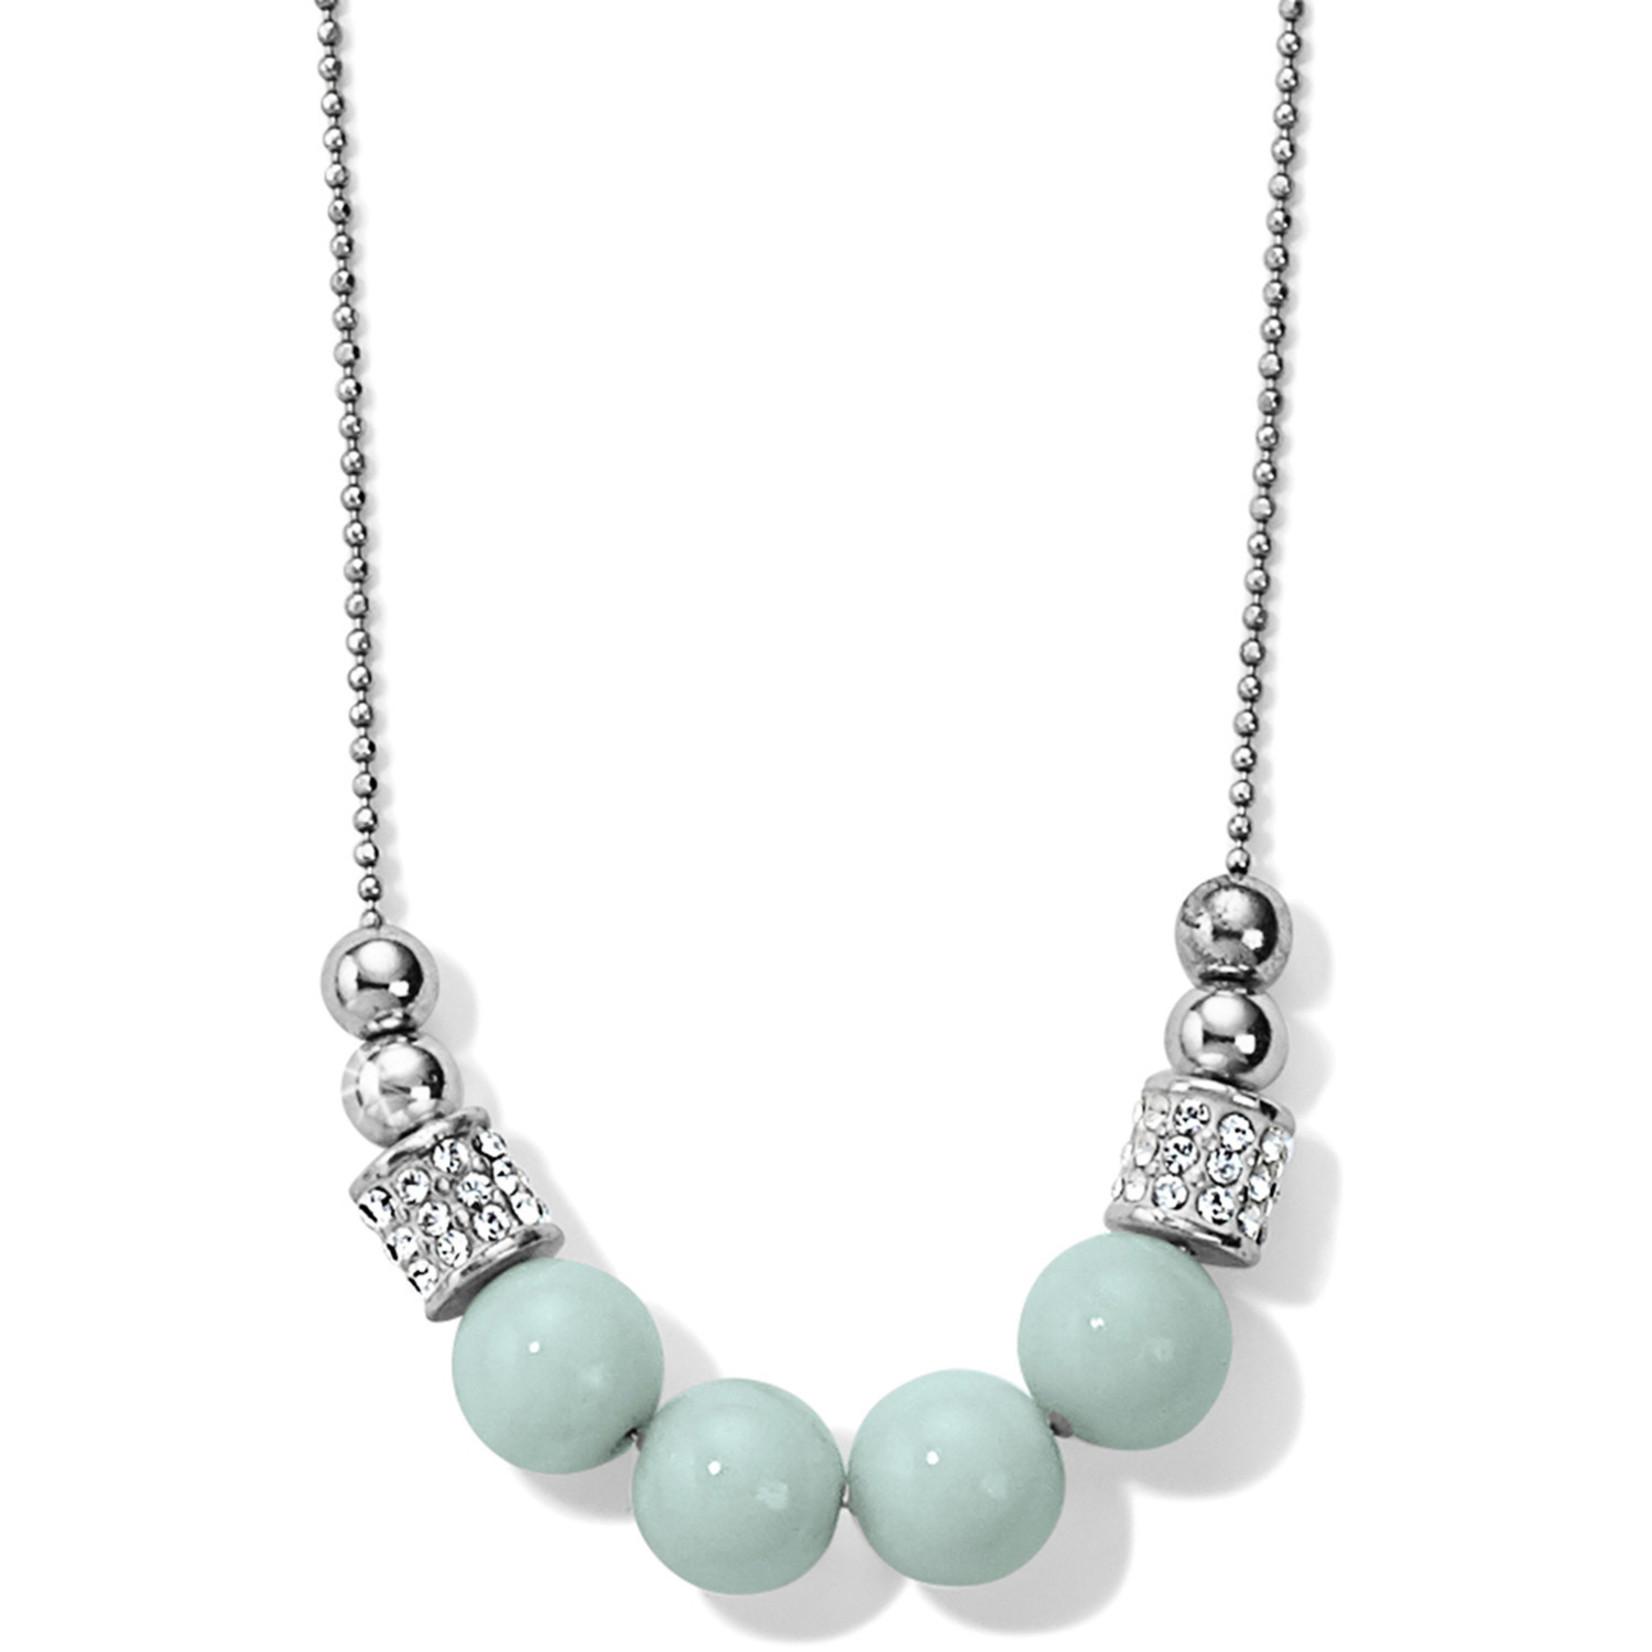 Brighton Meridian Petite Prime Necklace Amazonite